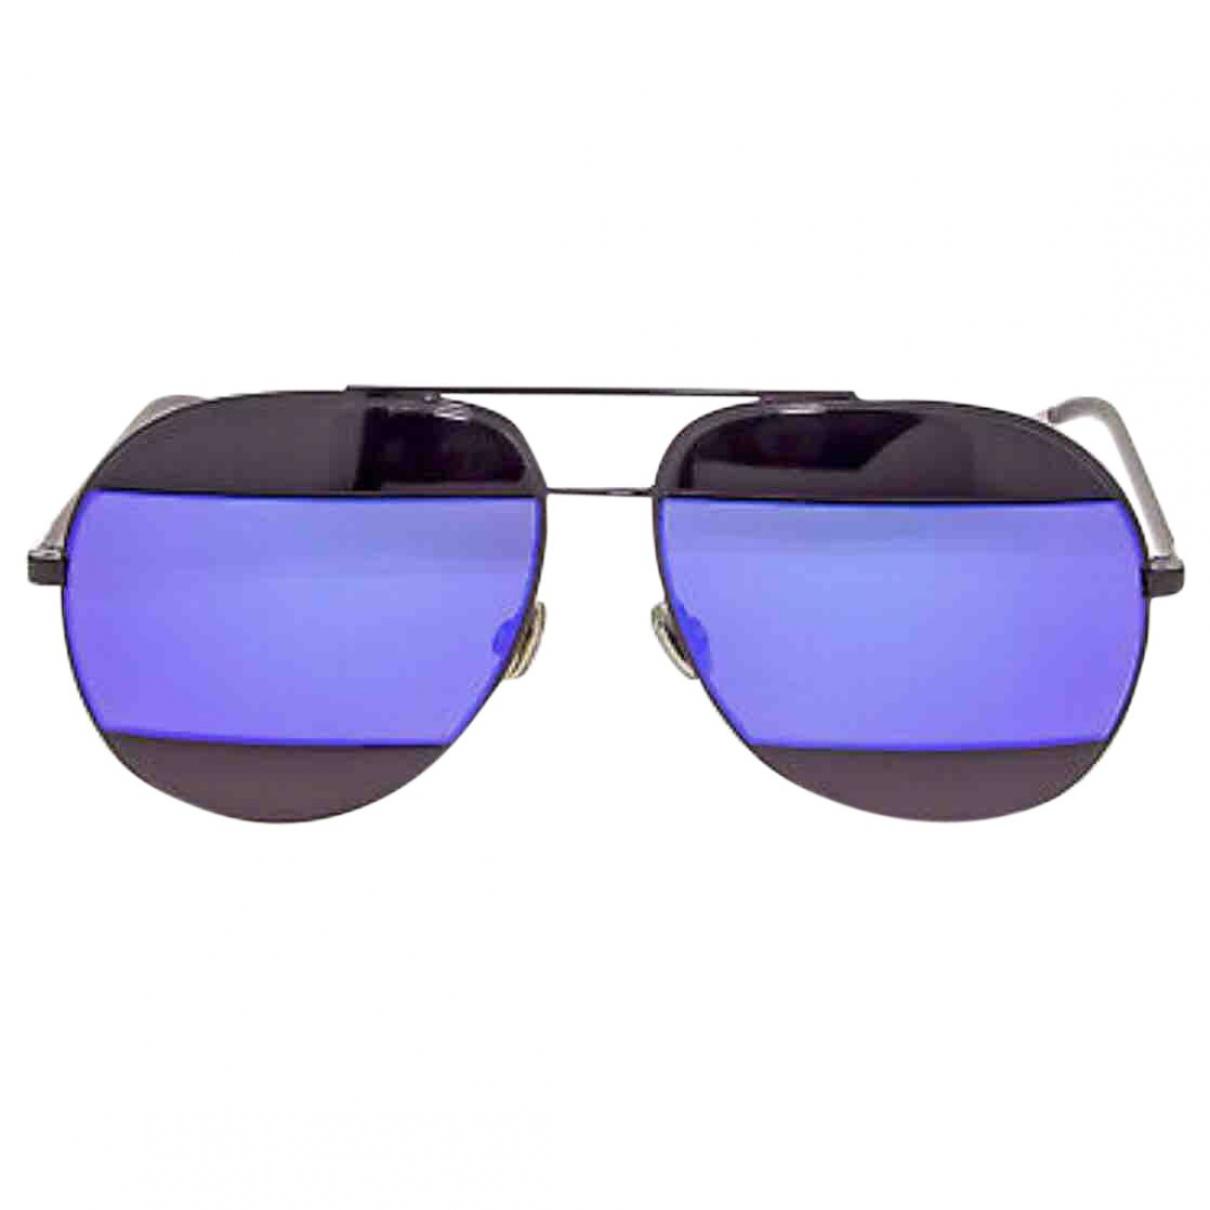 Dior Split Sonnenbrillen in  Lila Metall